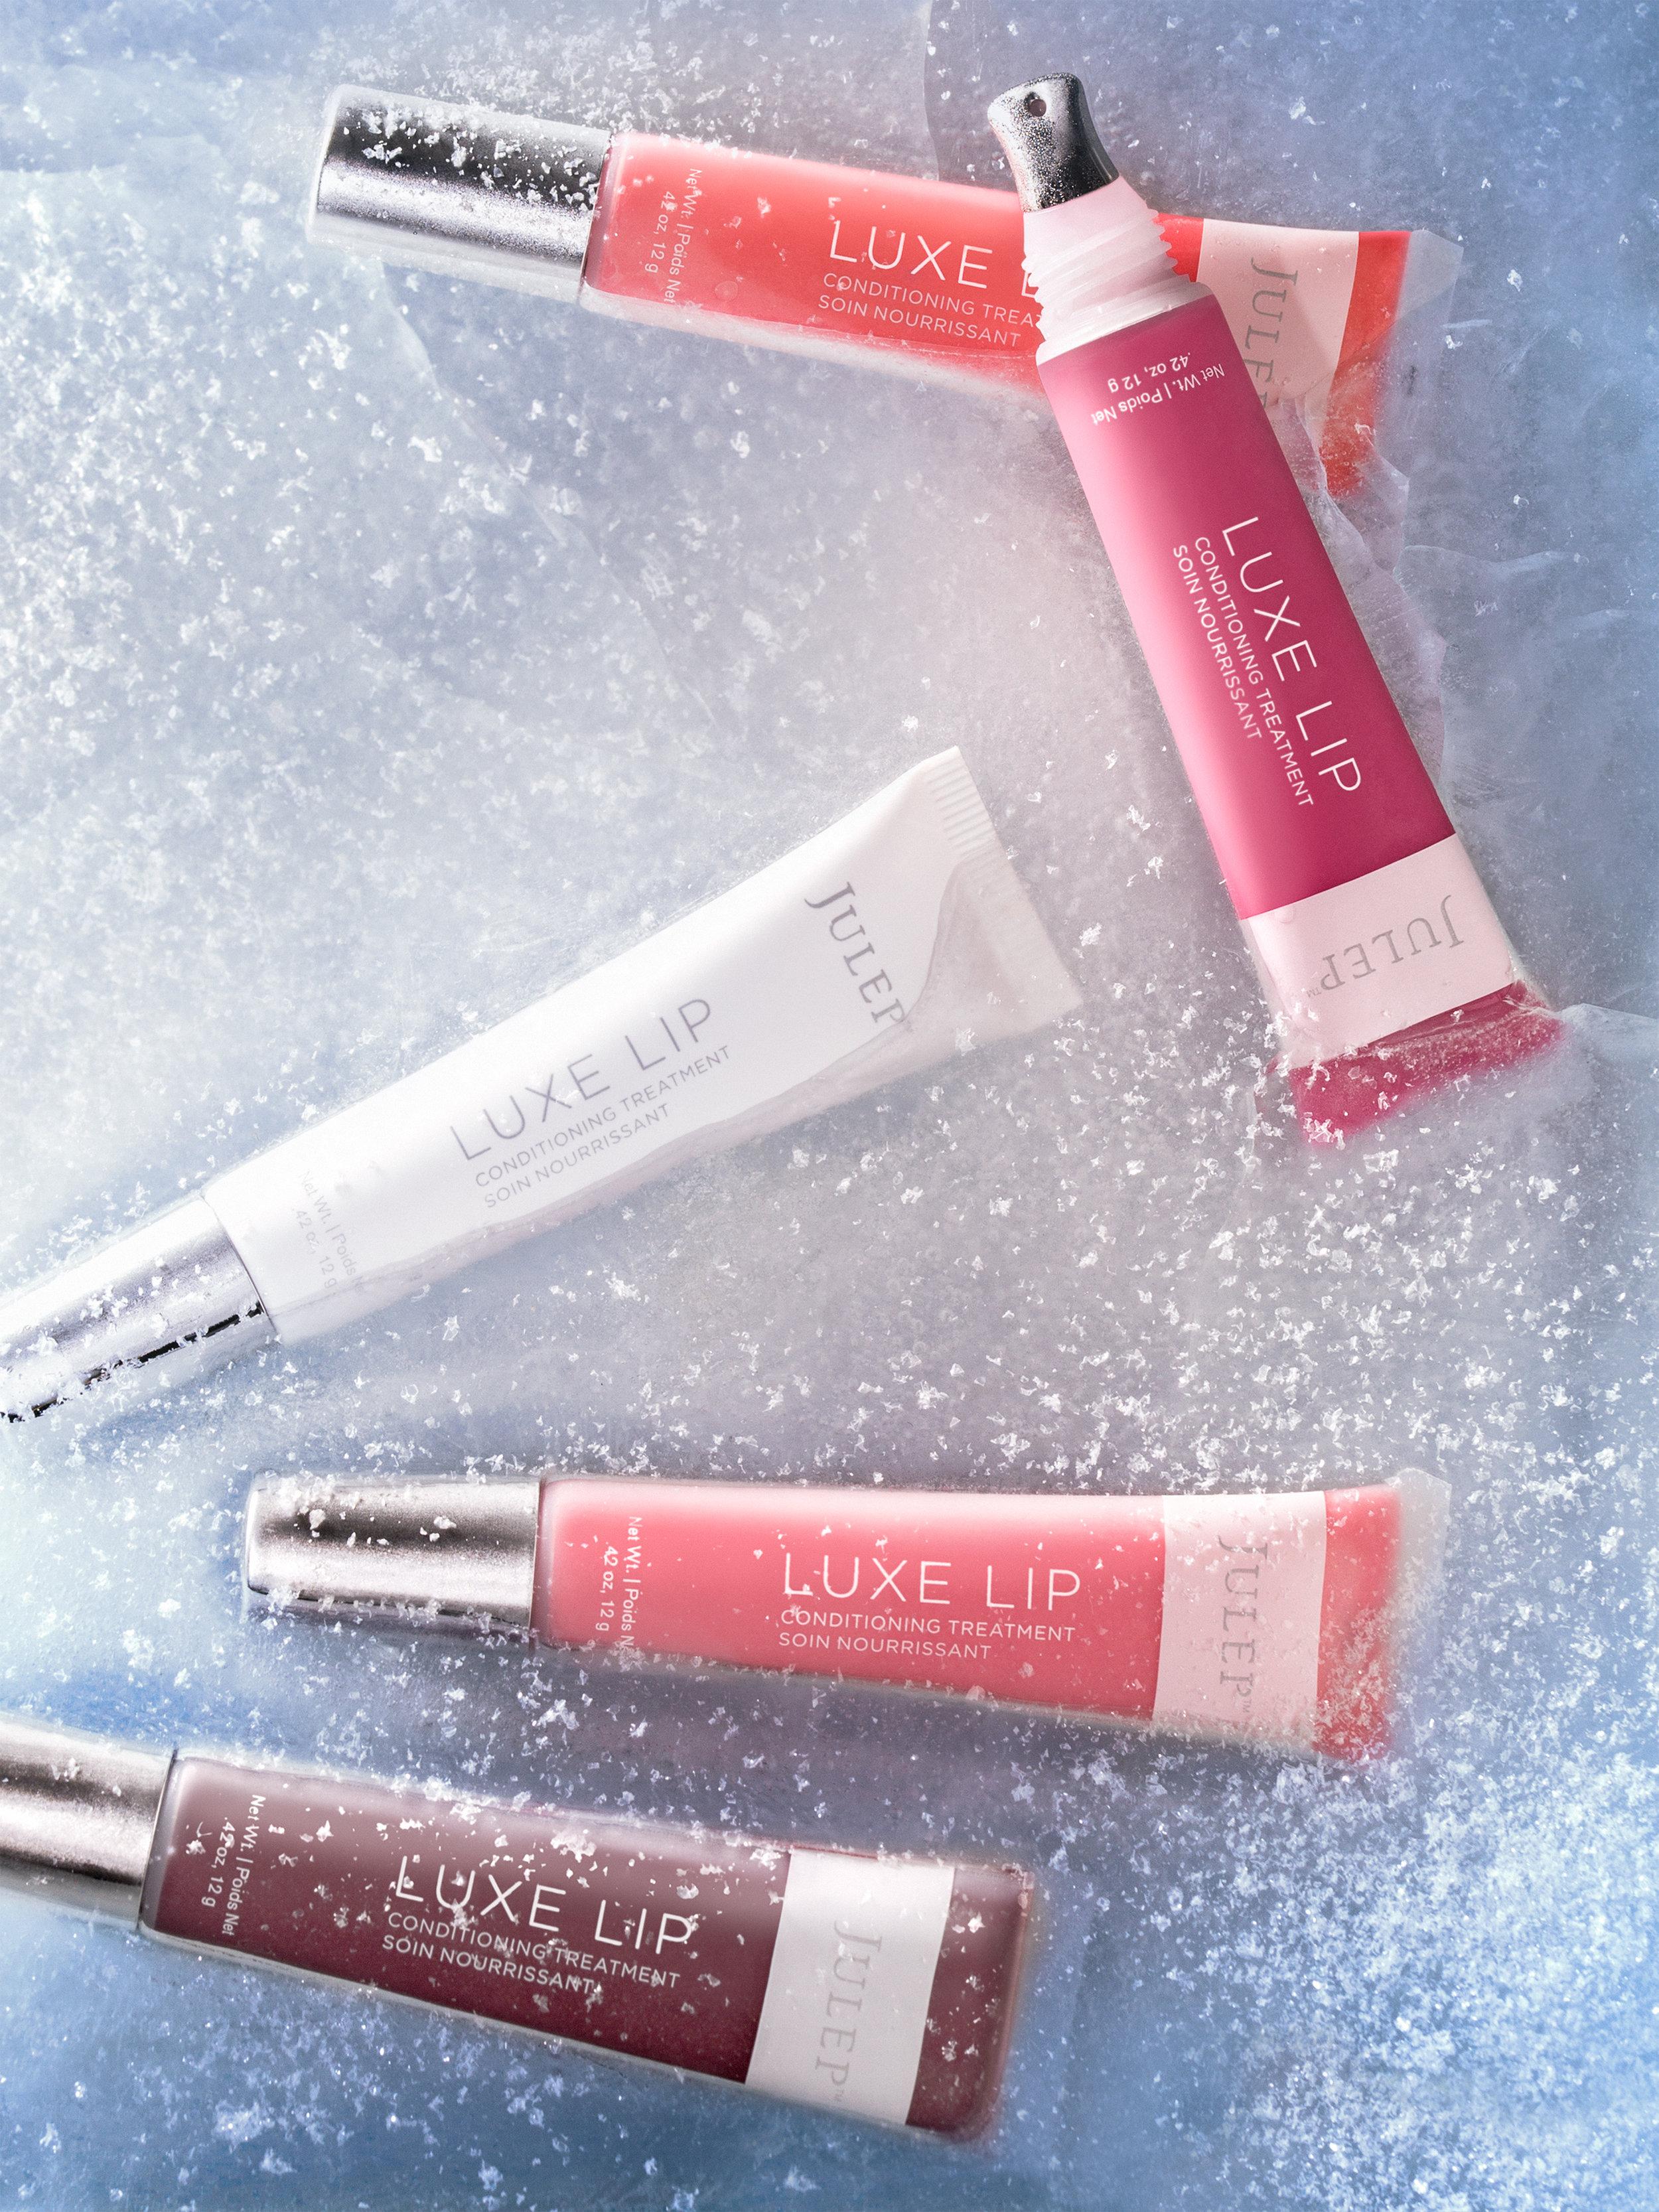 julep-luxe-lip-ice.jpg